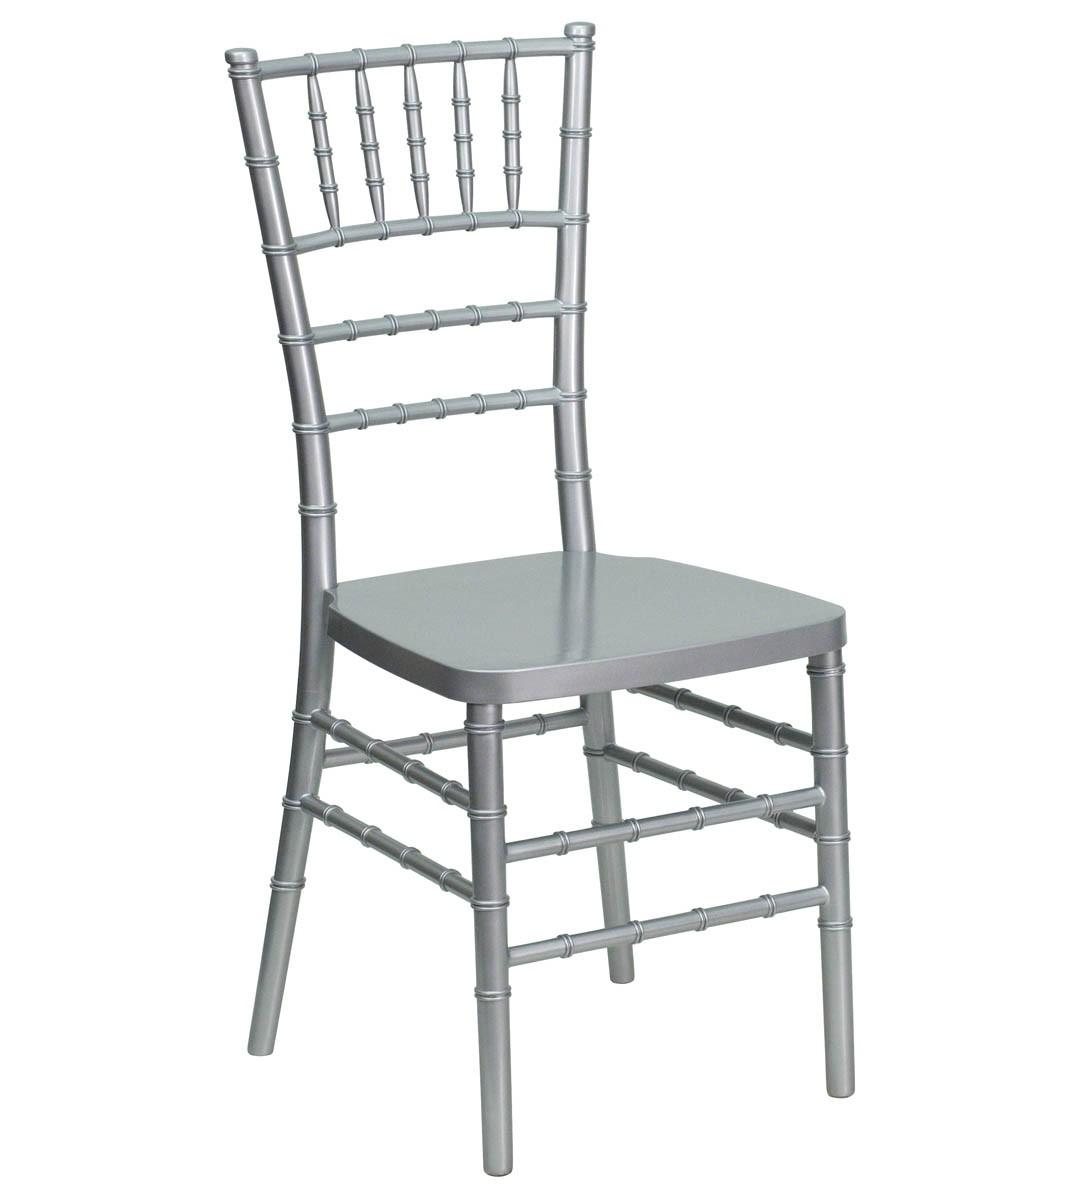 Silver Chiavari Chair Image